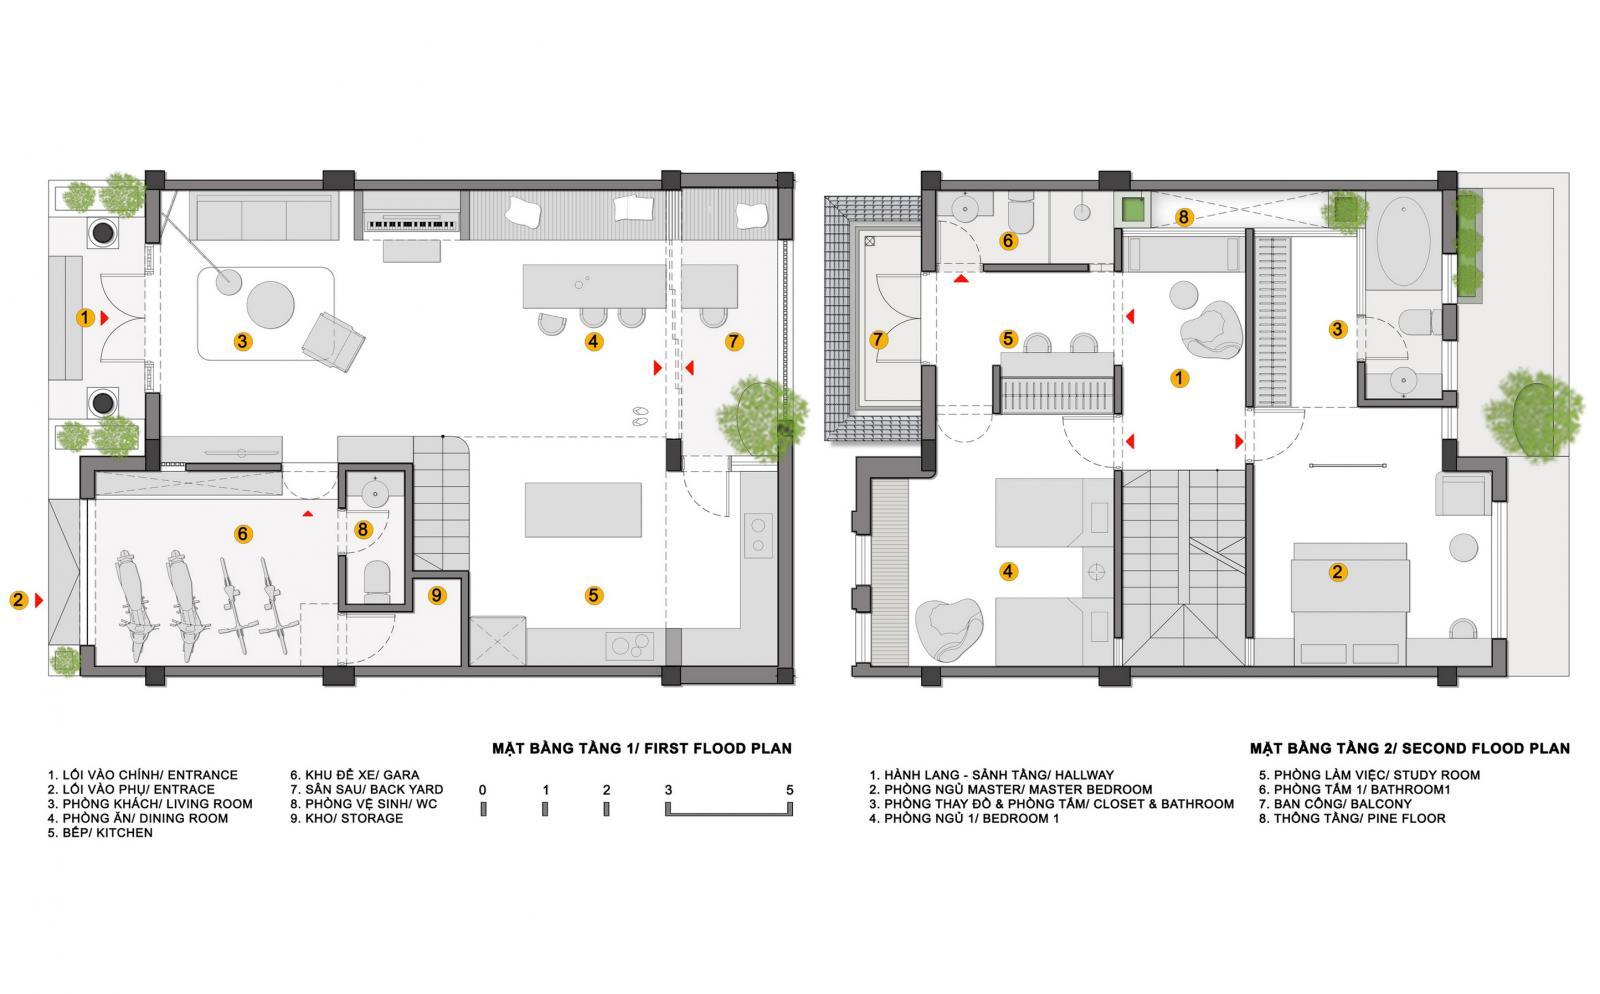 Hình ảnh bản vẽ thiết kế mặt bằng tầng 1 và tầng 2 nhà Mochi.